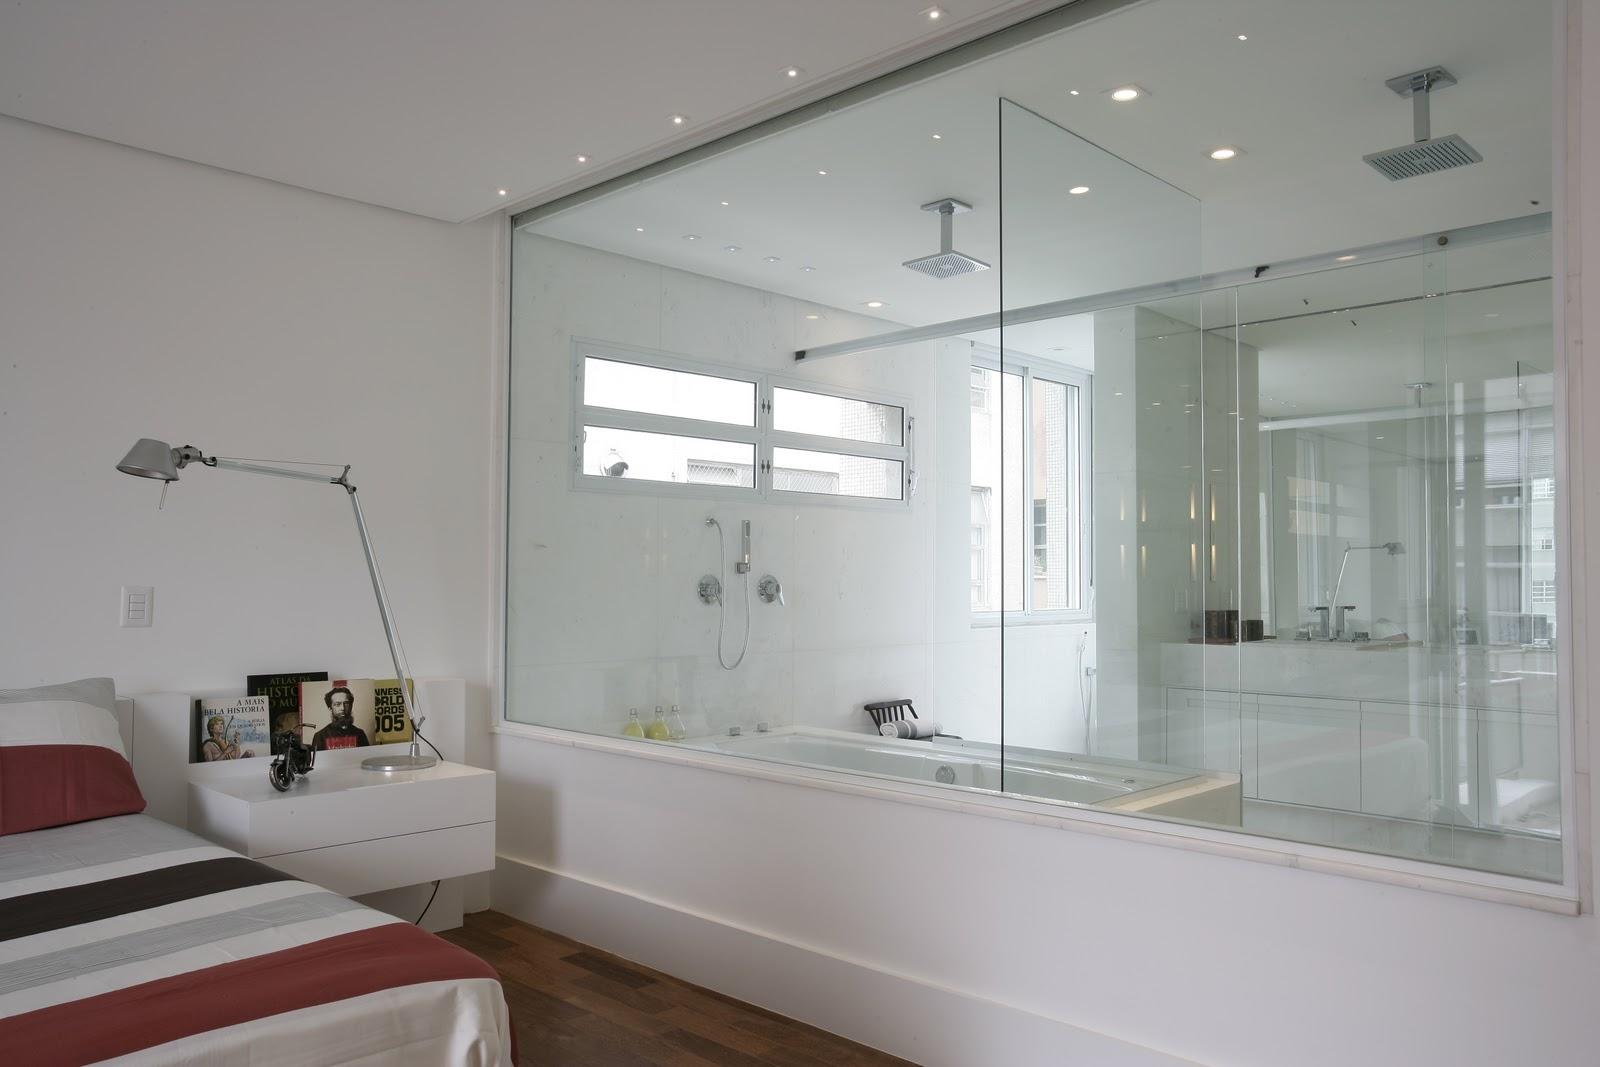 box e o vidro fixo que dá para o quarto é fechado por uma cortina de  #5C342F 1600 1067